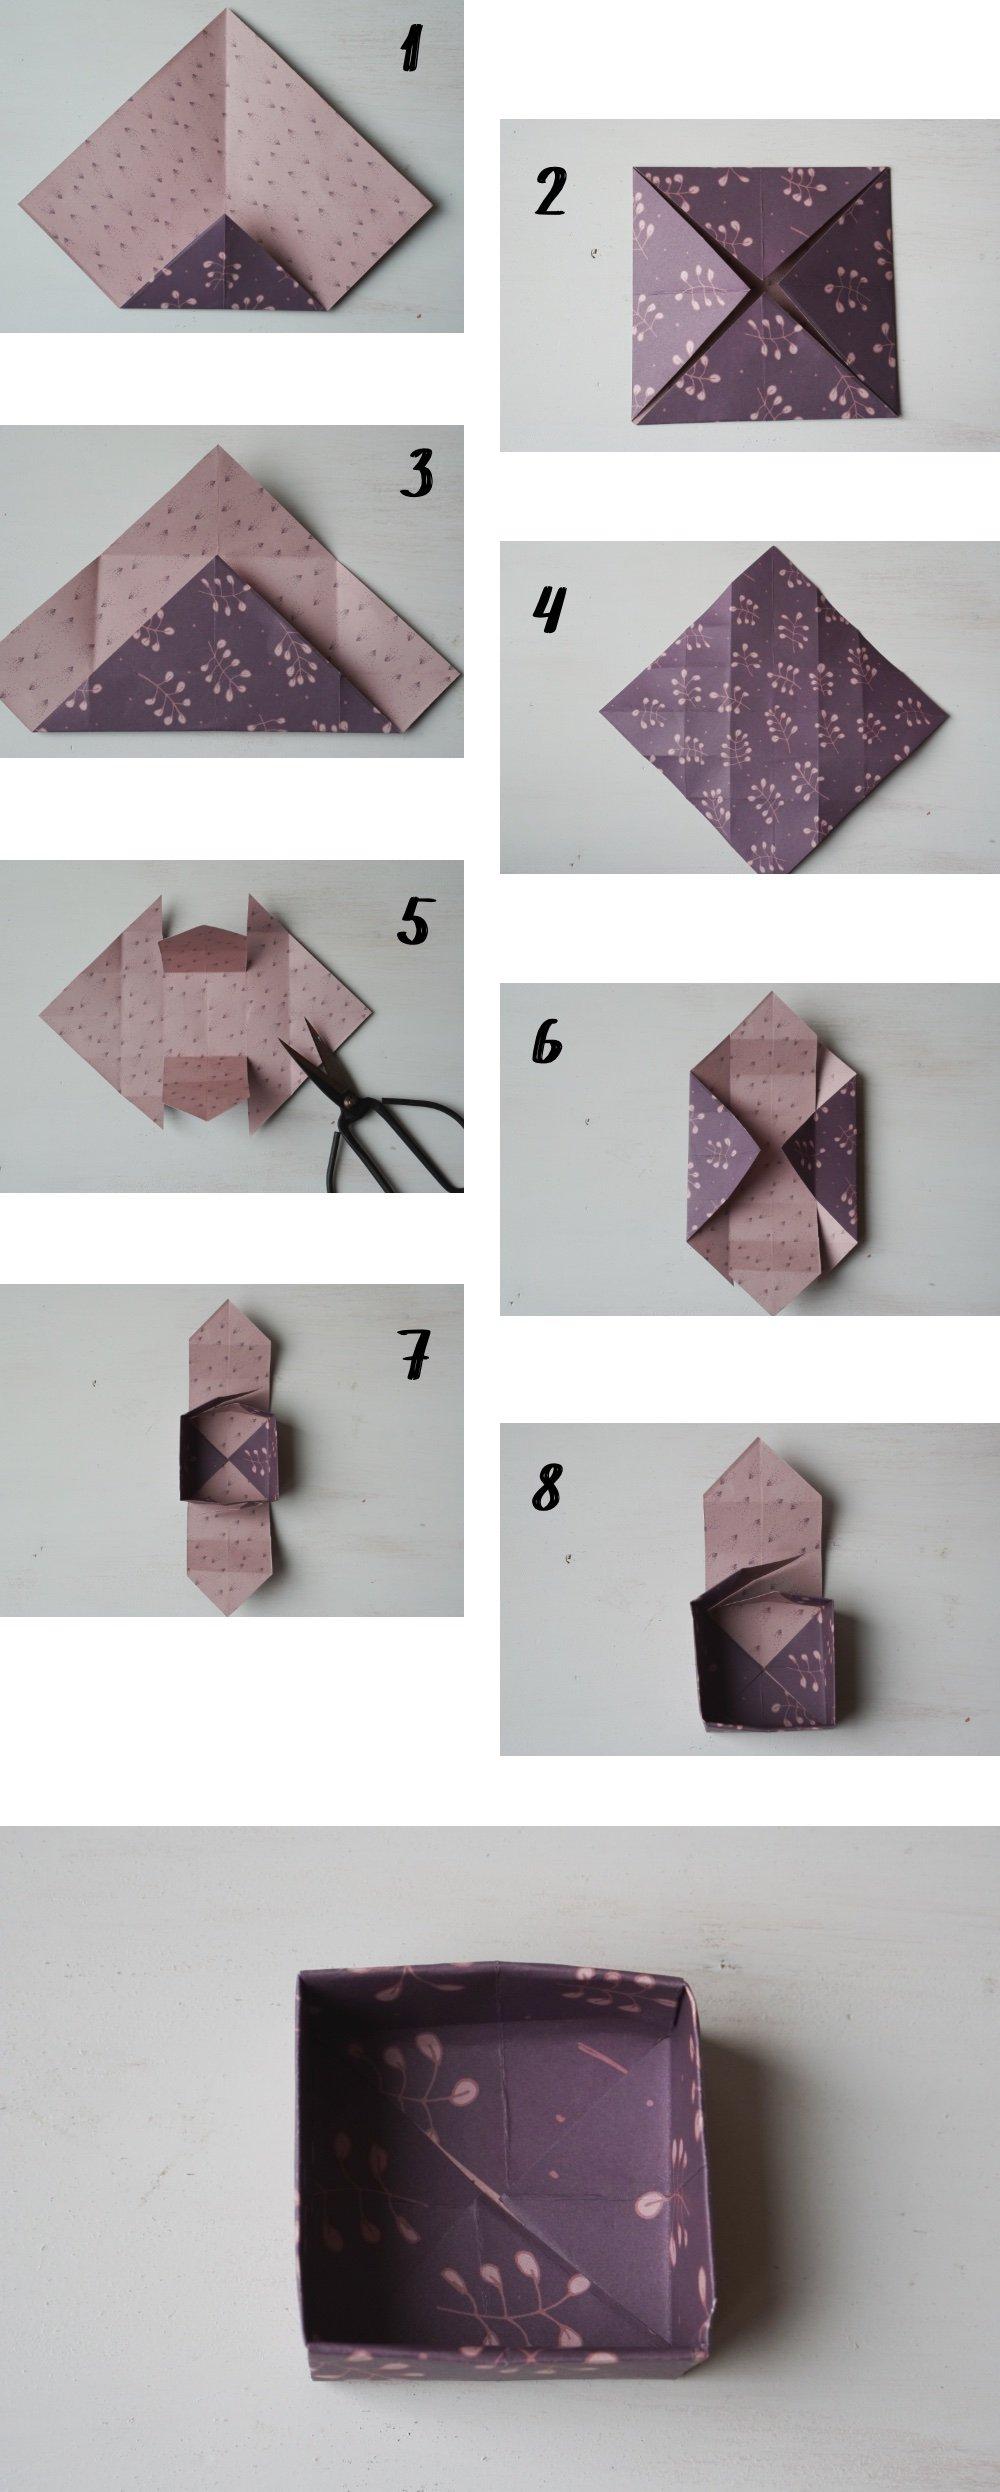 nachhaltig geschenke verpacken papierbox anleitung 1